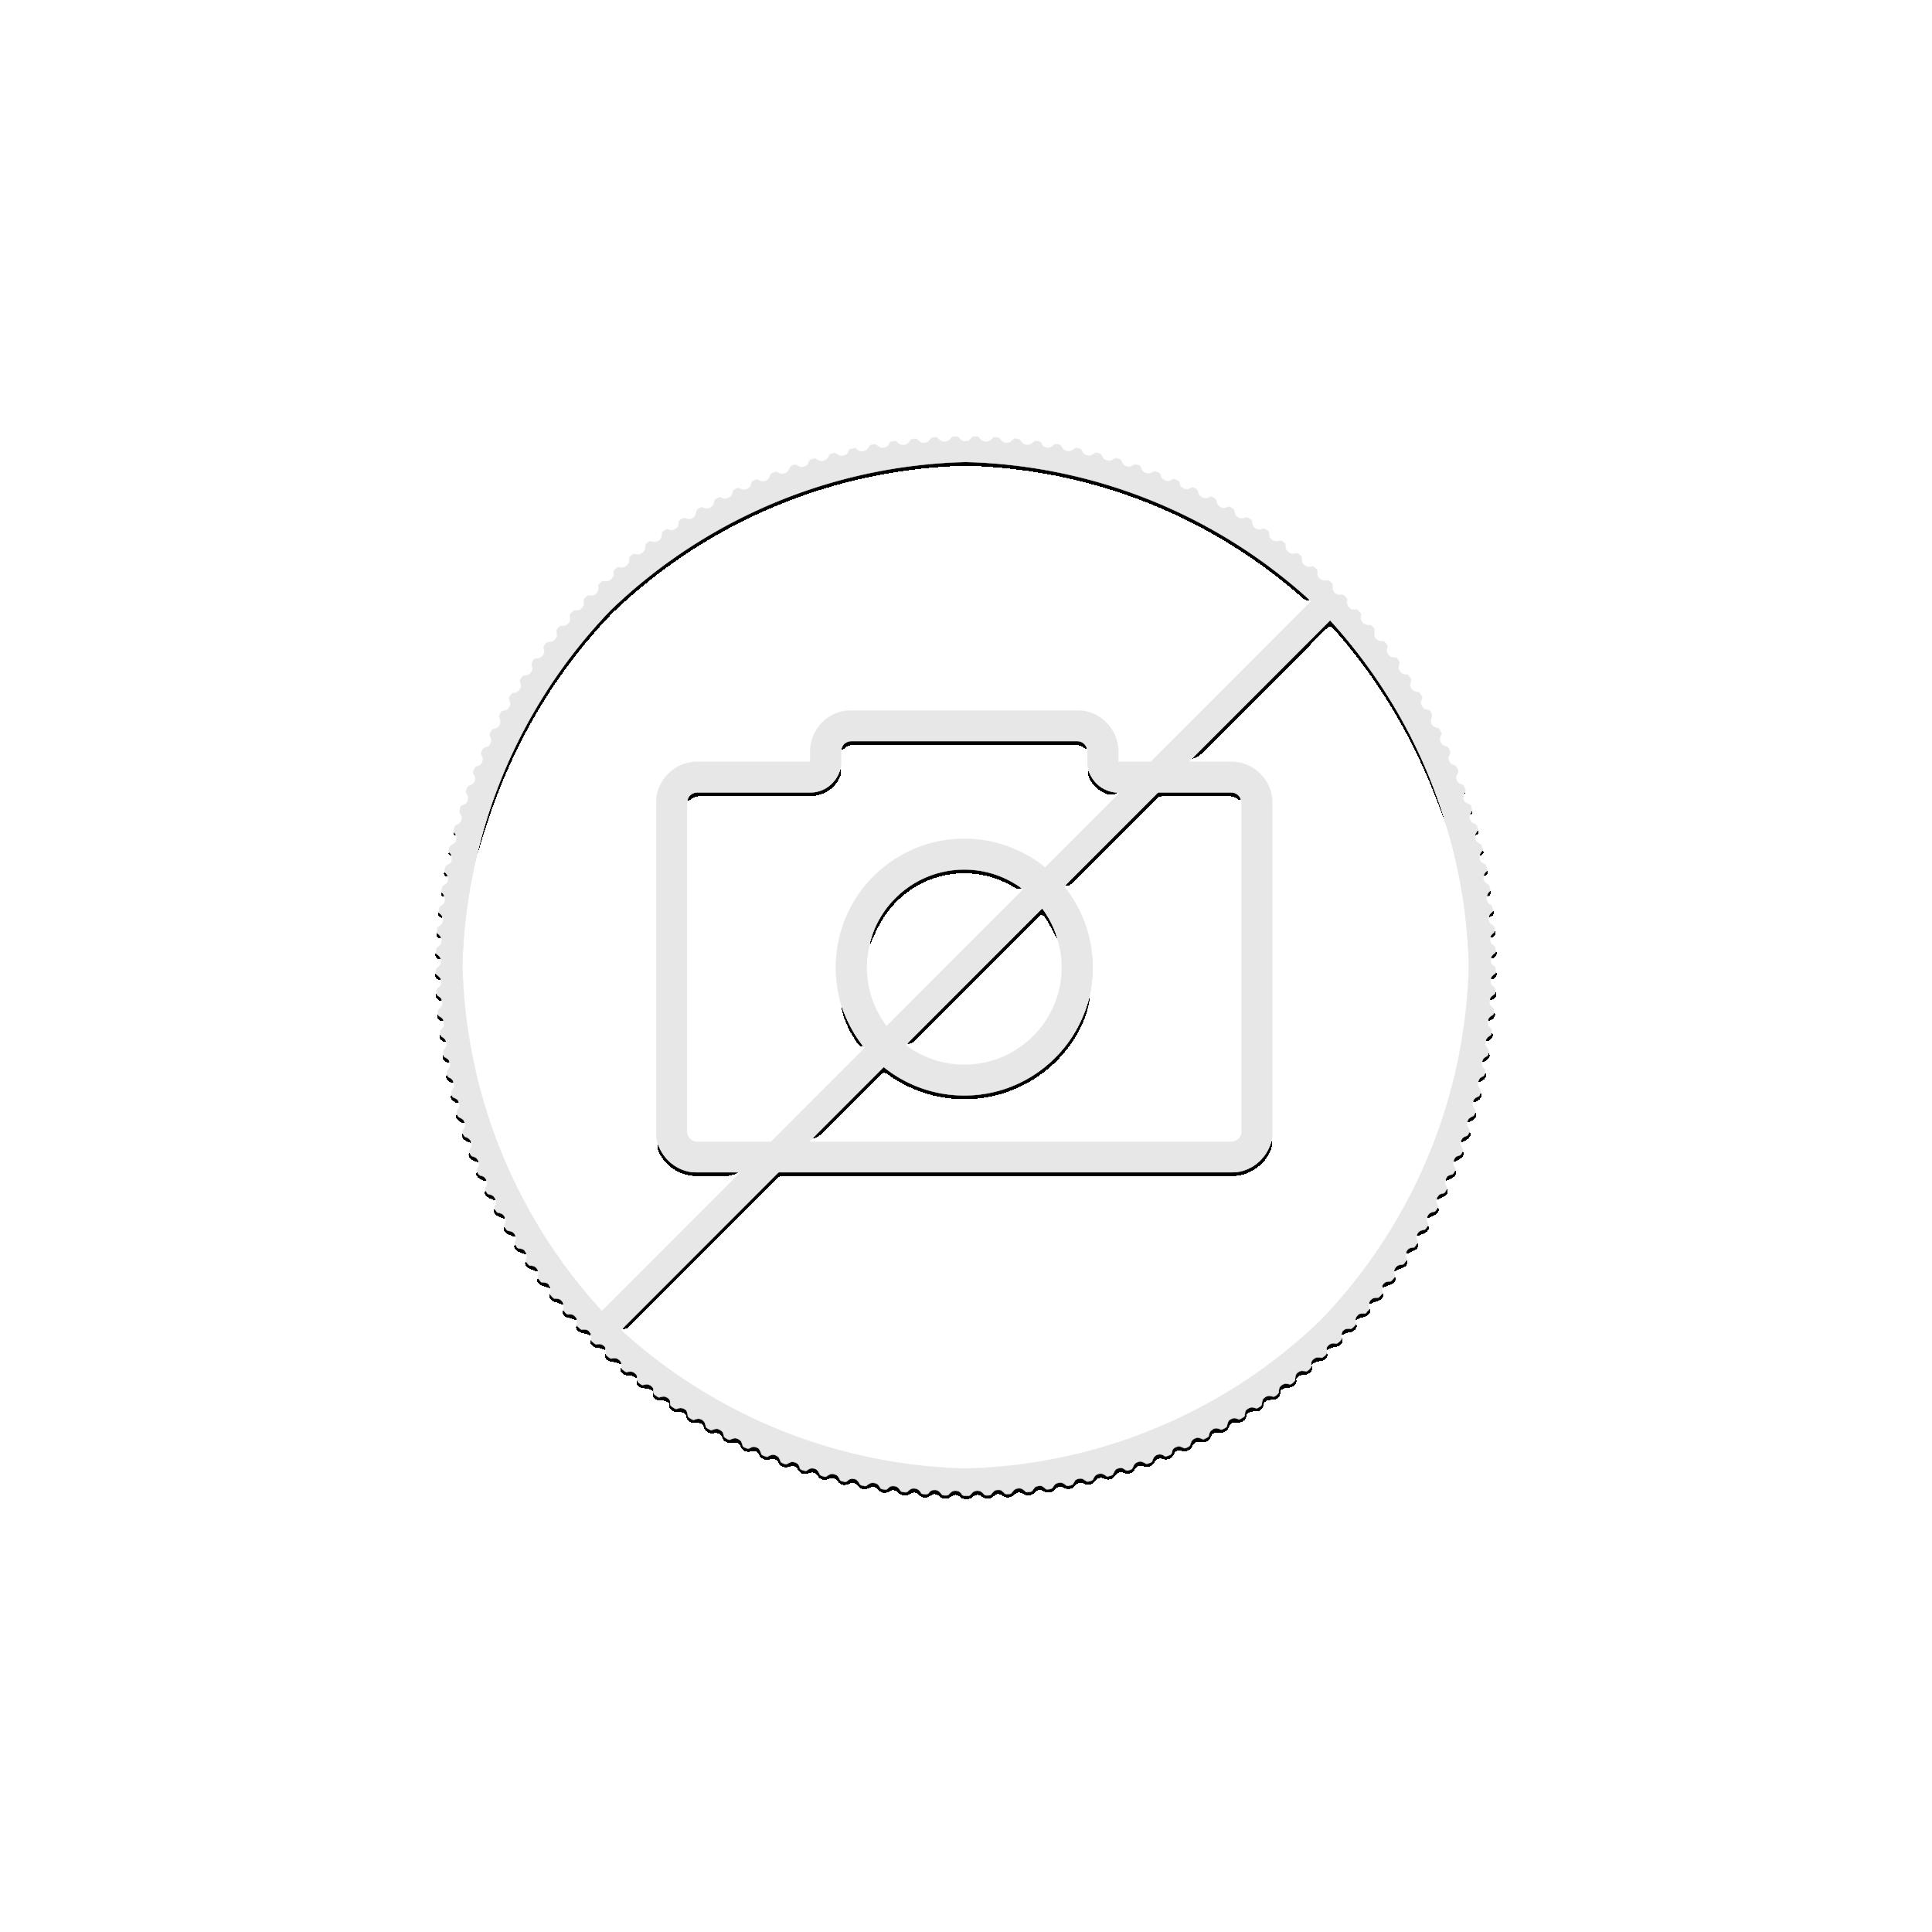 10 Troy ounce silver coint Kookaburra 2020 back